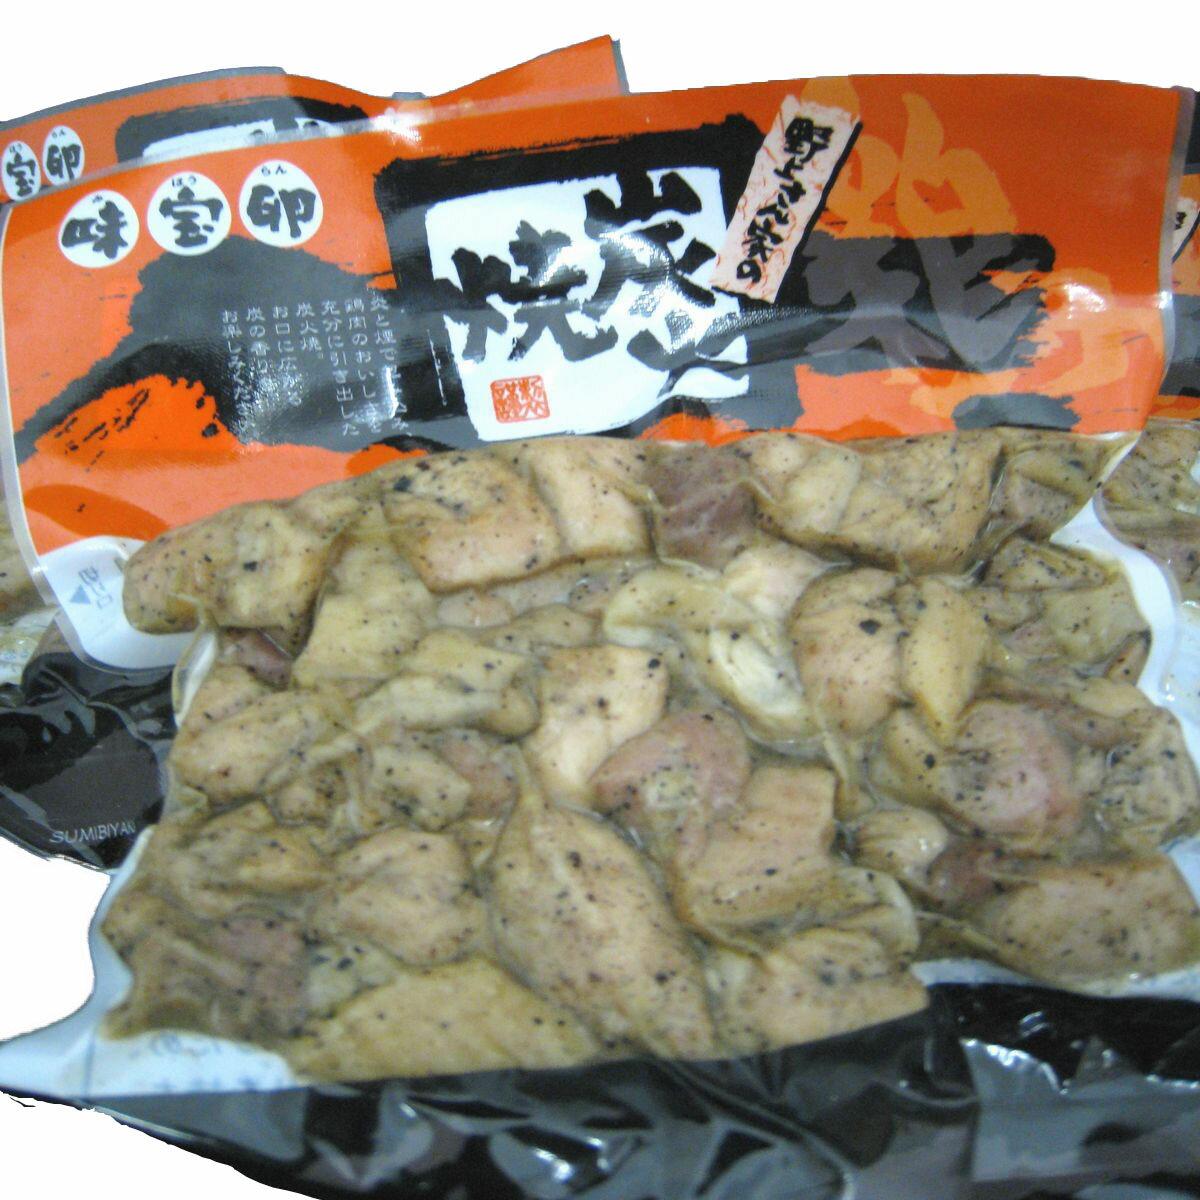 野上さん家の炭火焼 3パックセット 150g×3【炭火焼】【地鶏】【福岡】【肉】【とり】【鶏肉】